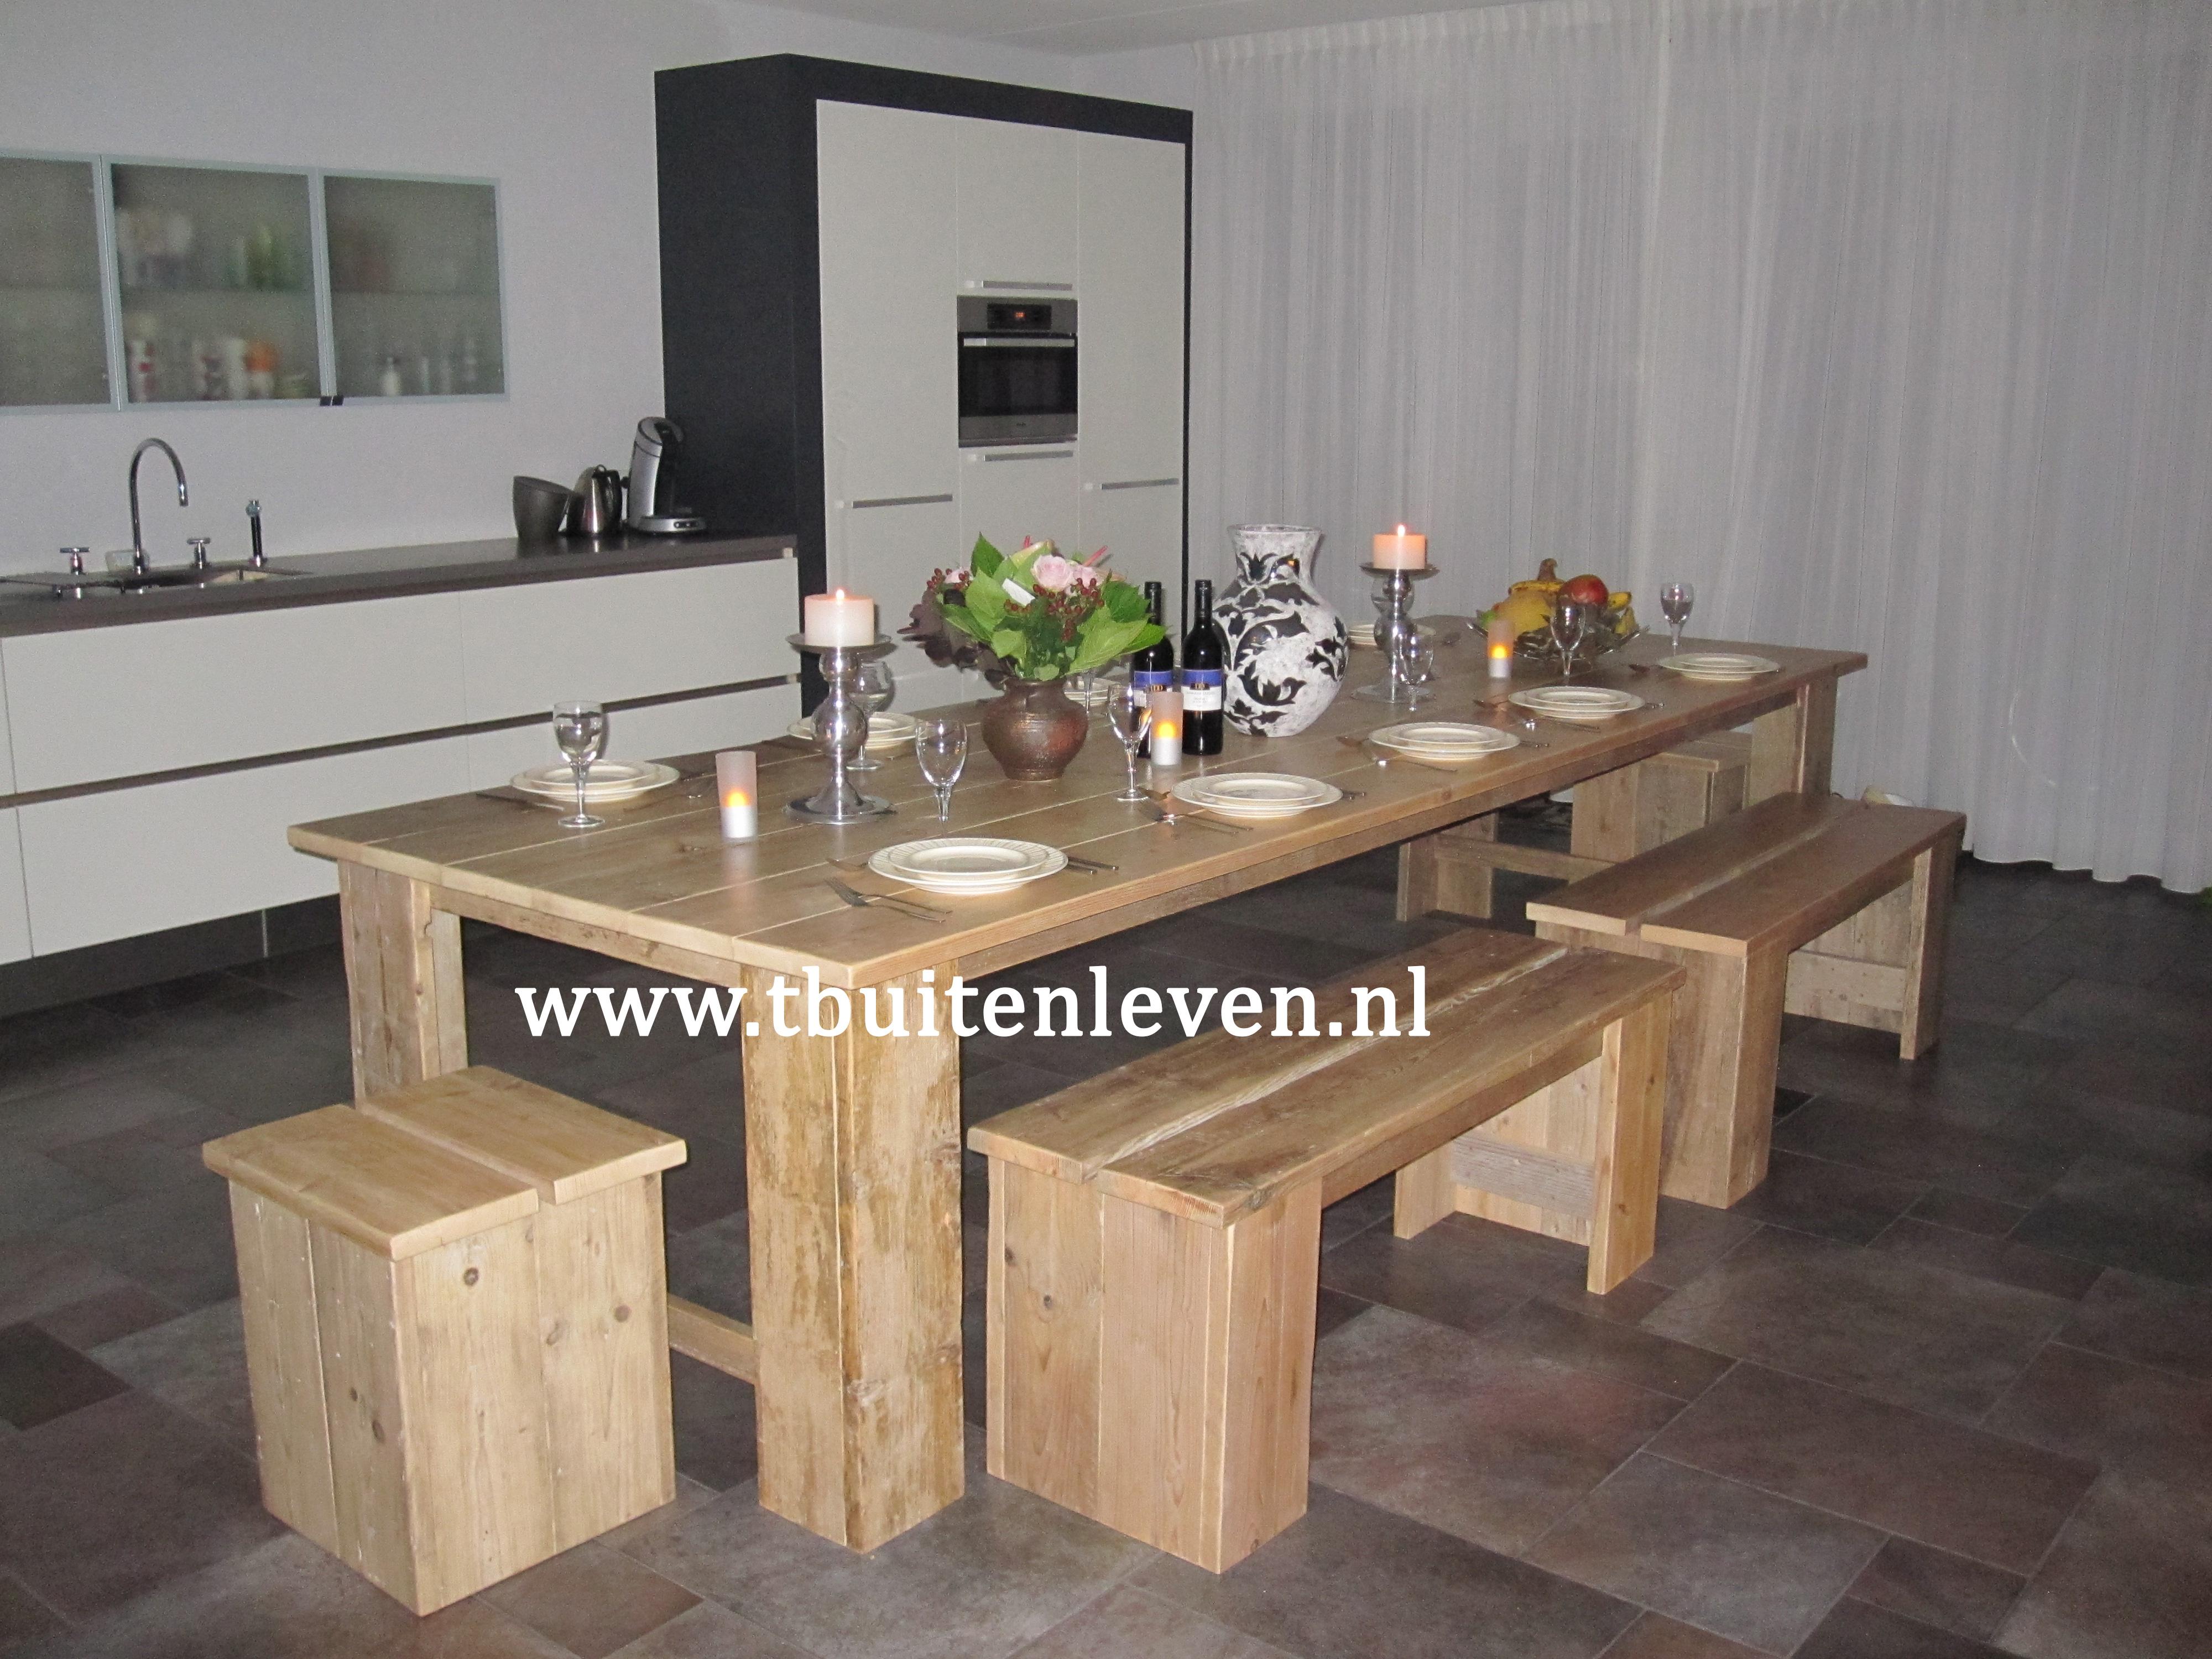 Eettafel van 3,40 meter zonder middenpoot en bijpassende banken en krukjes.